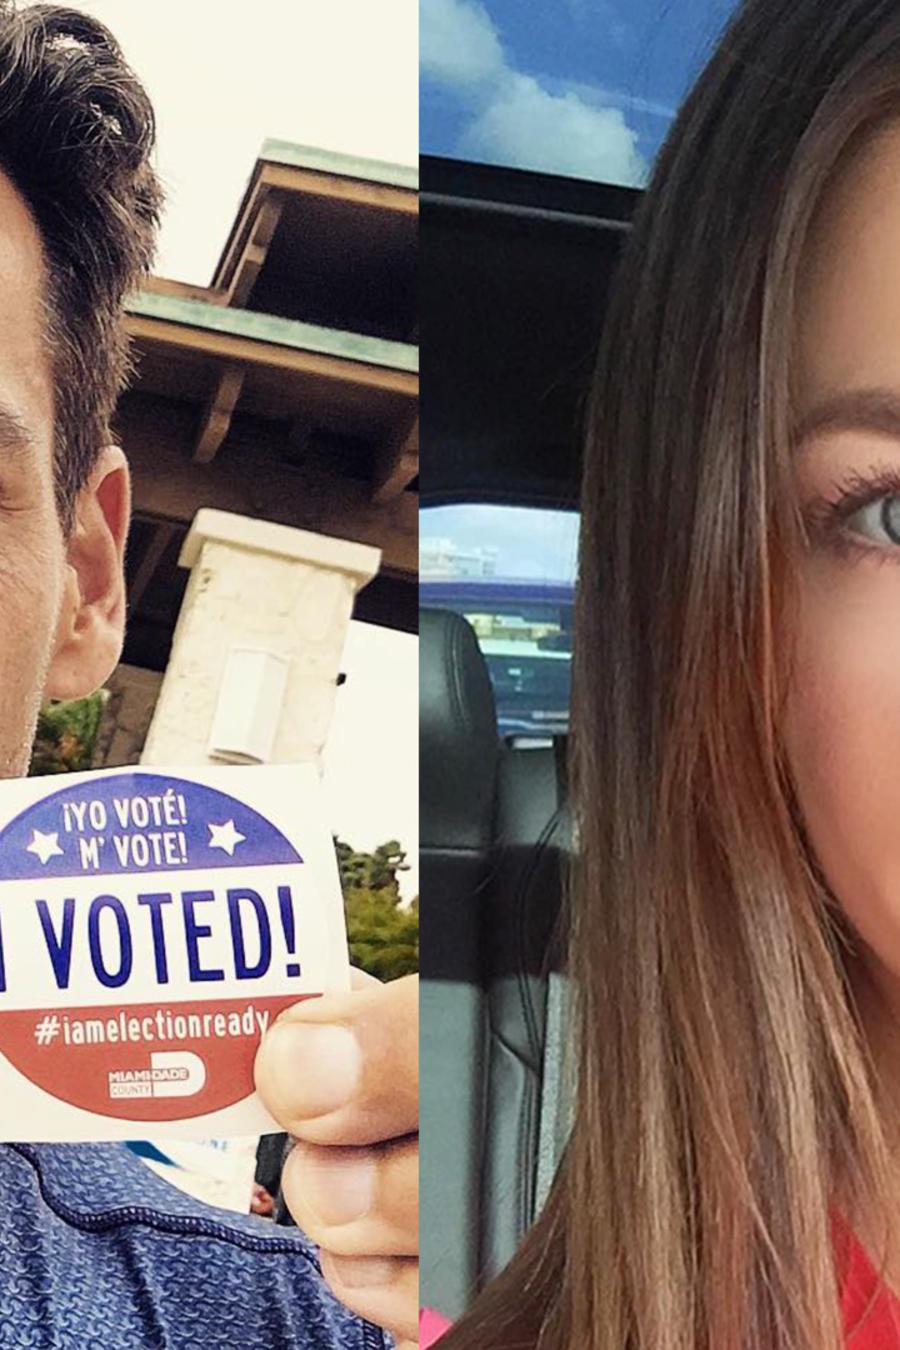 Actores que votaron USA, Ximena Duque, Christian de la fuente